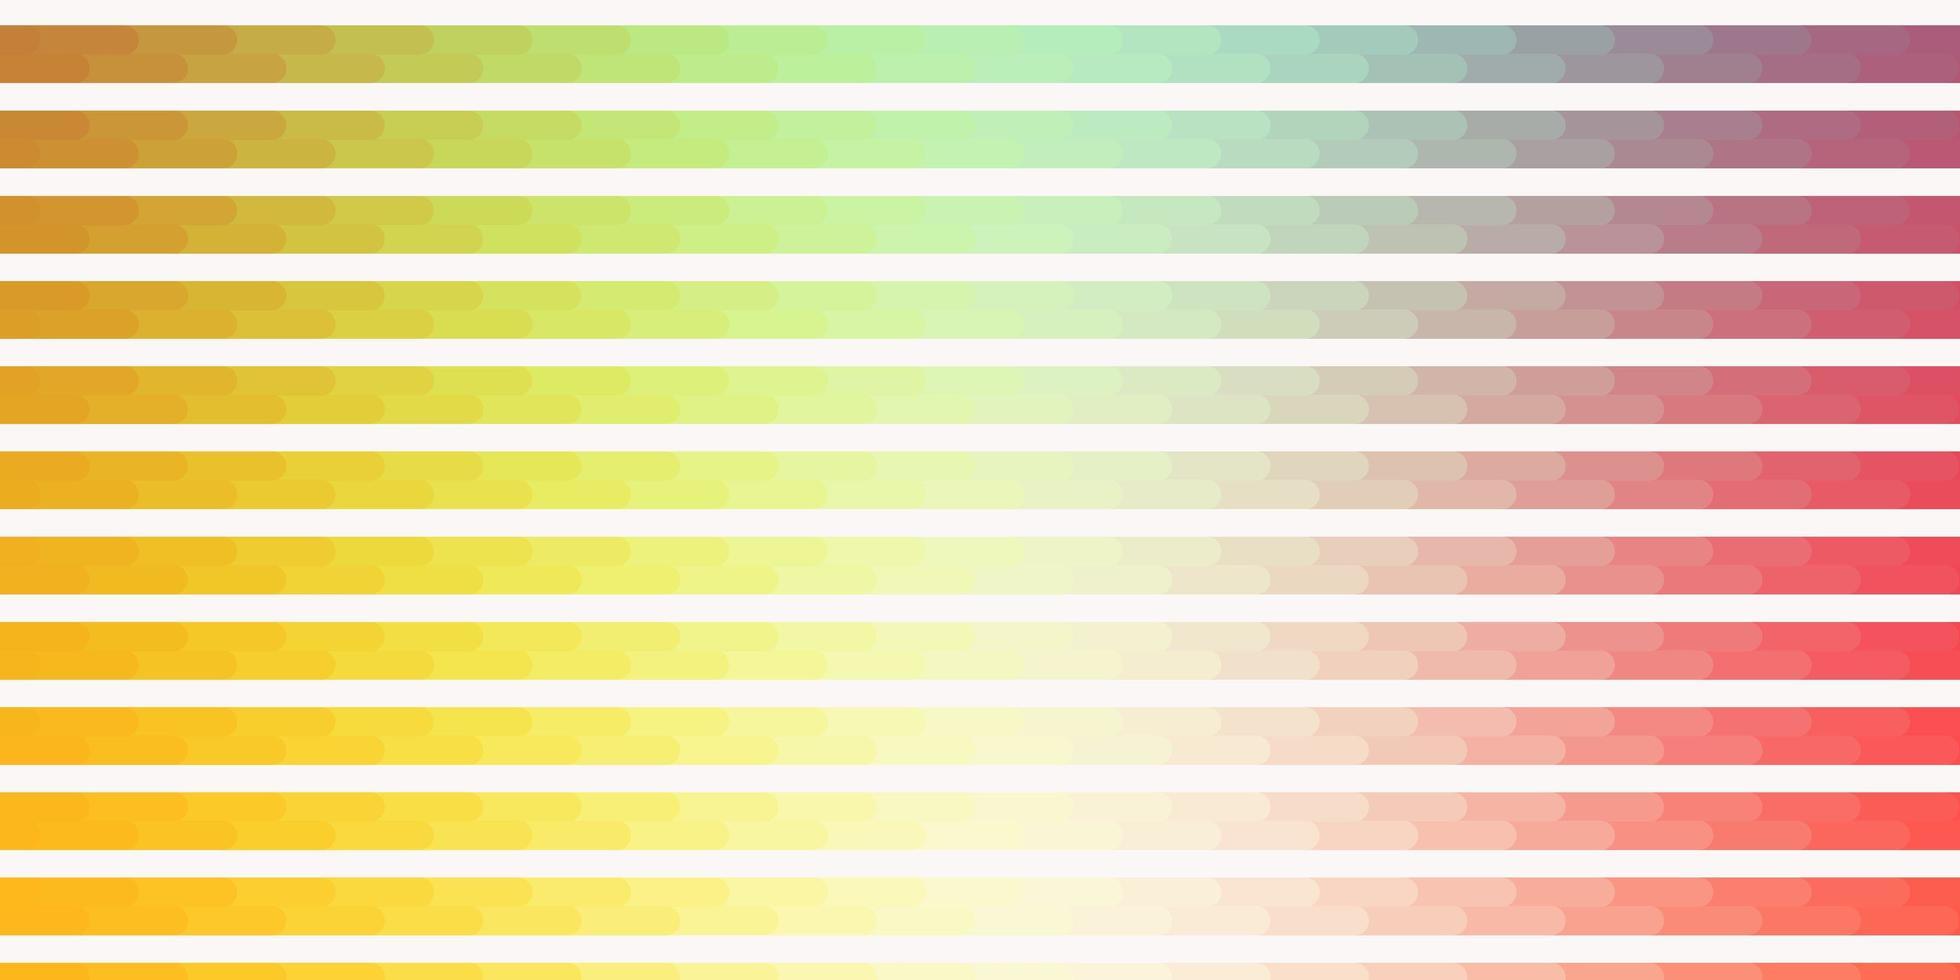 hellgrüne, rote Vektorbeschaffenheit mit Linien. vektor